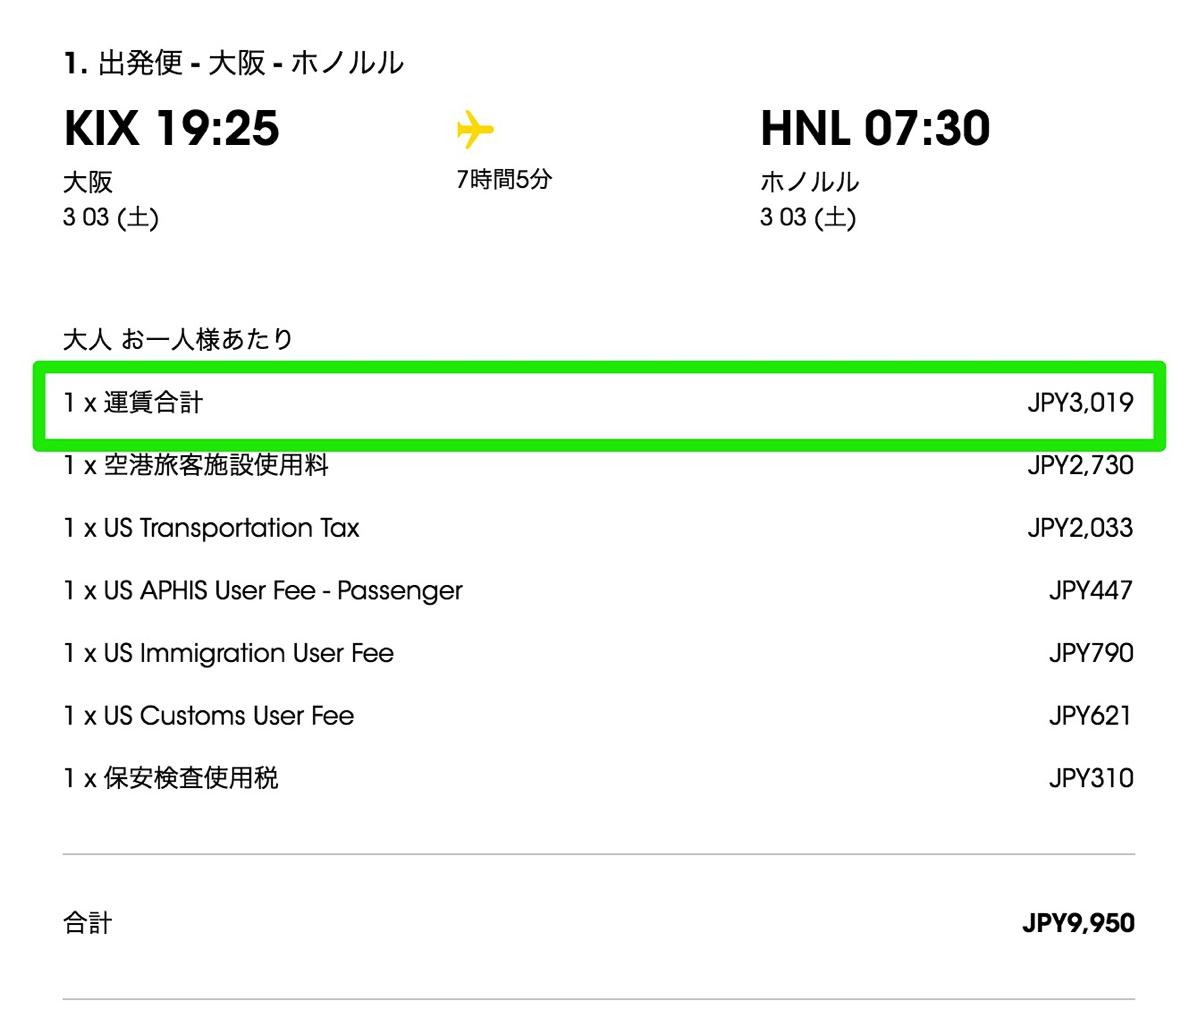 大阪(関空)→ホノルルの運賃が片道3,019円